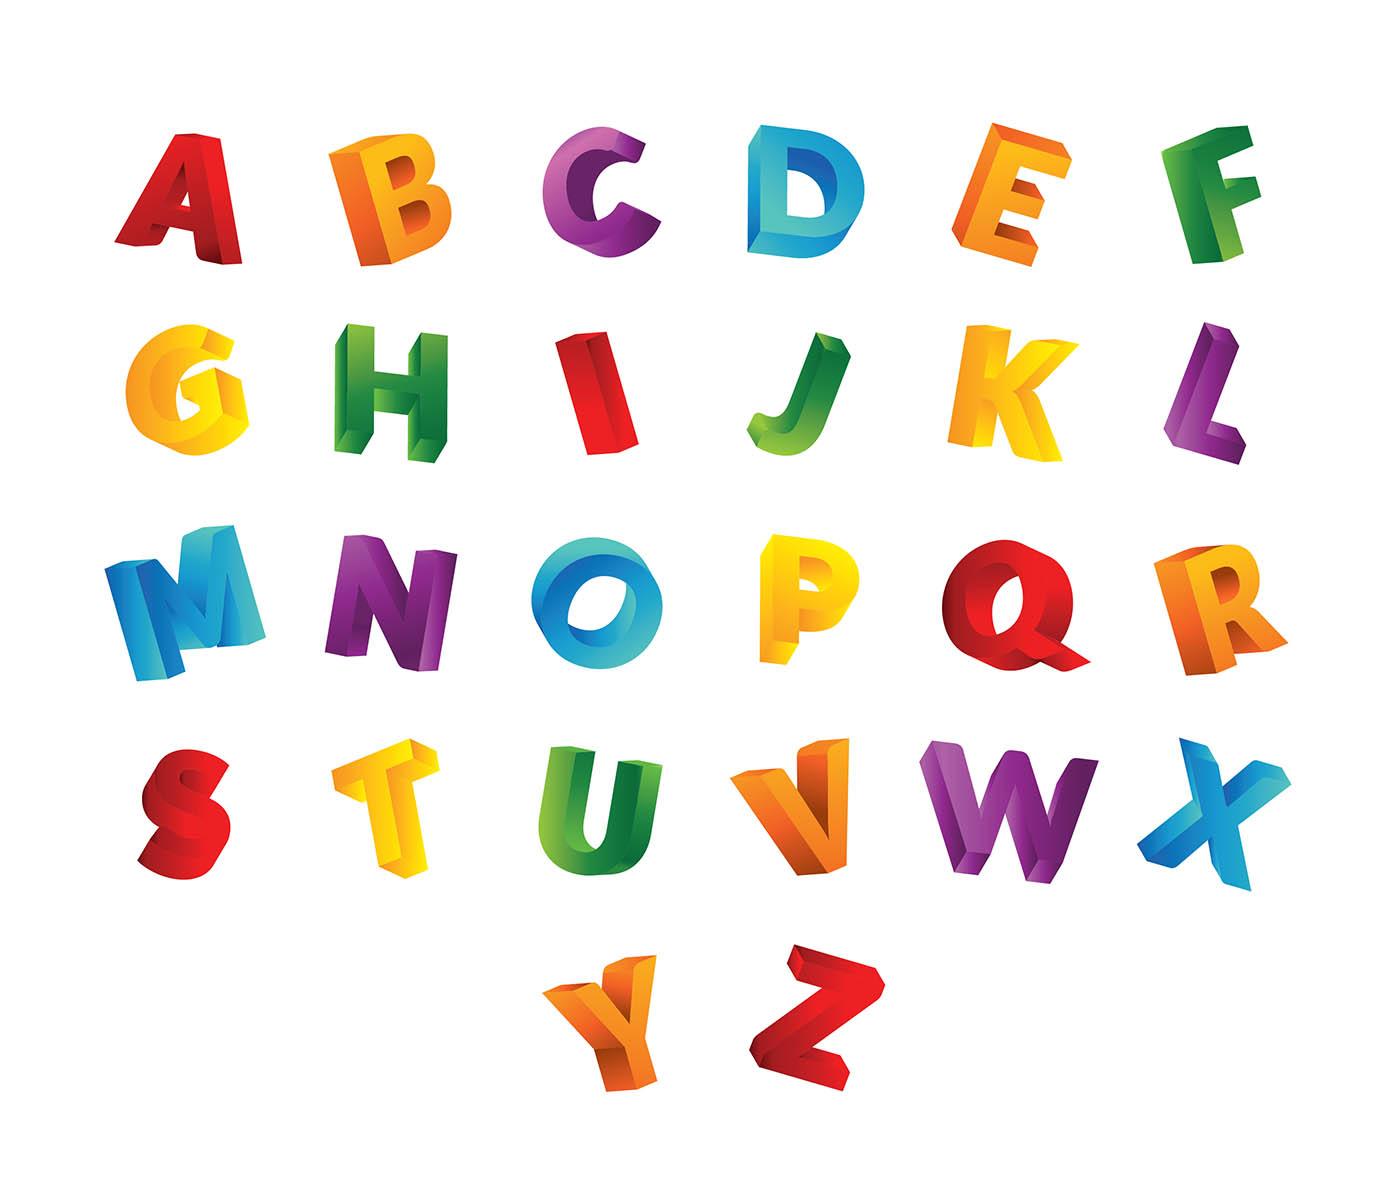 Download Kids 3D Font Free Vector - Download Free Vectors, Clipart ...